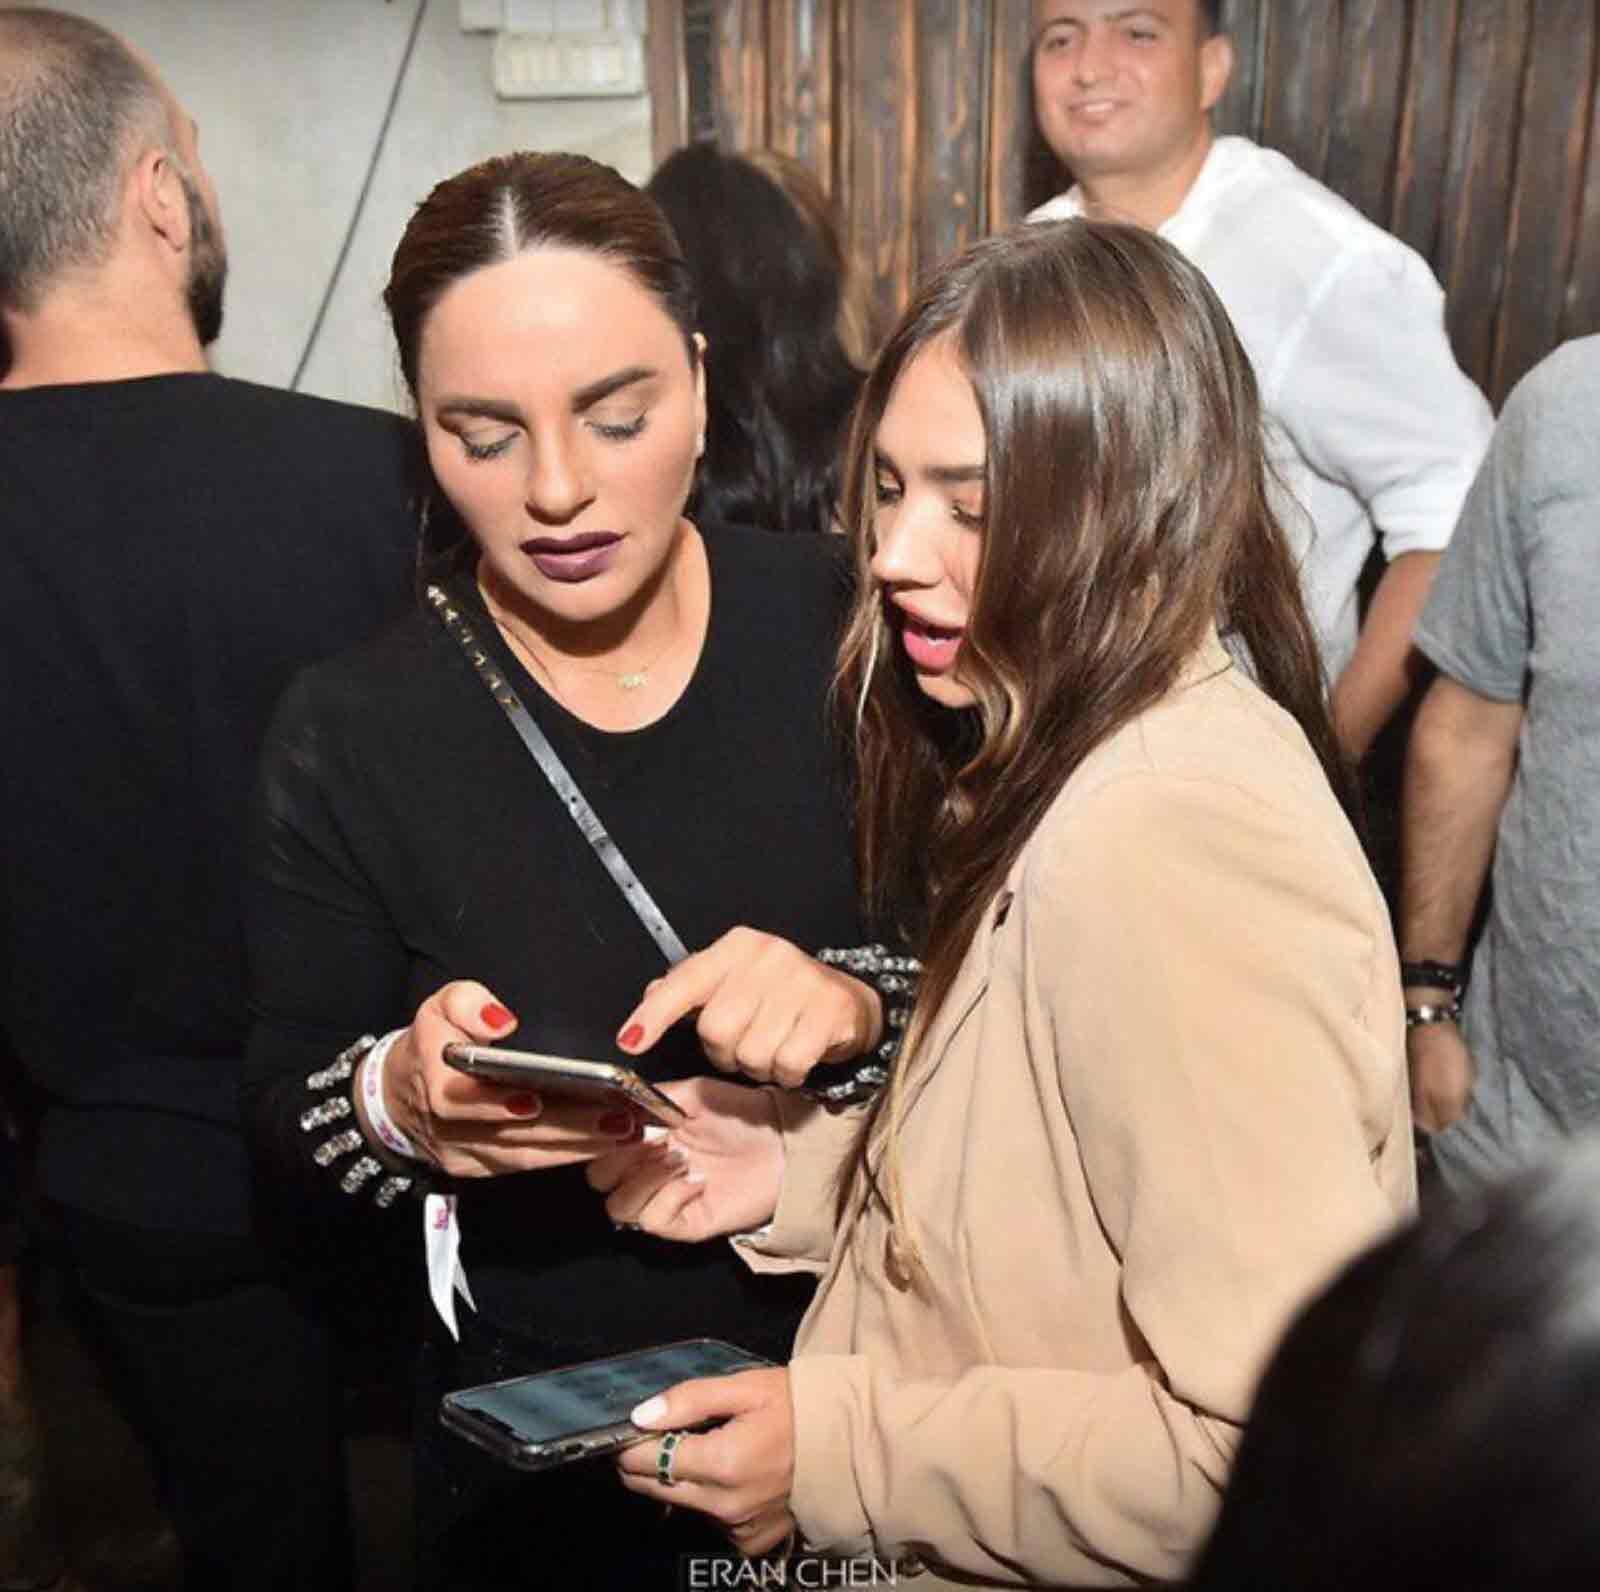 רוסלנה רודינה ואופירה אסייג מאויבות לחברות טובות?!